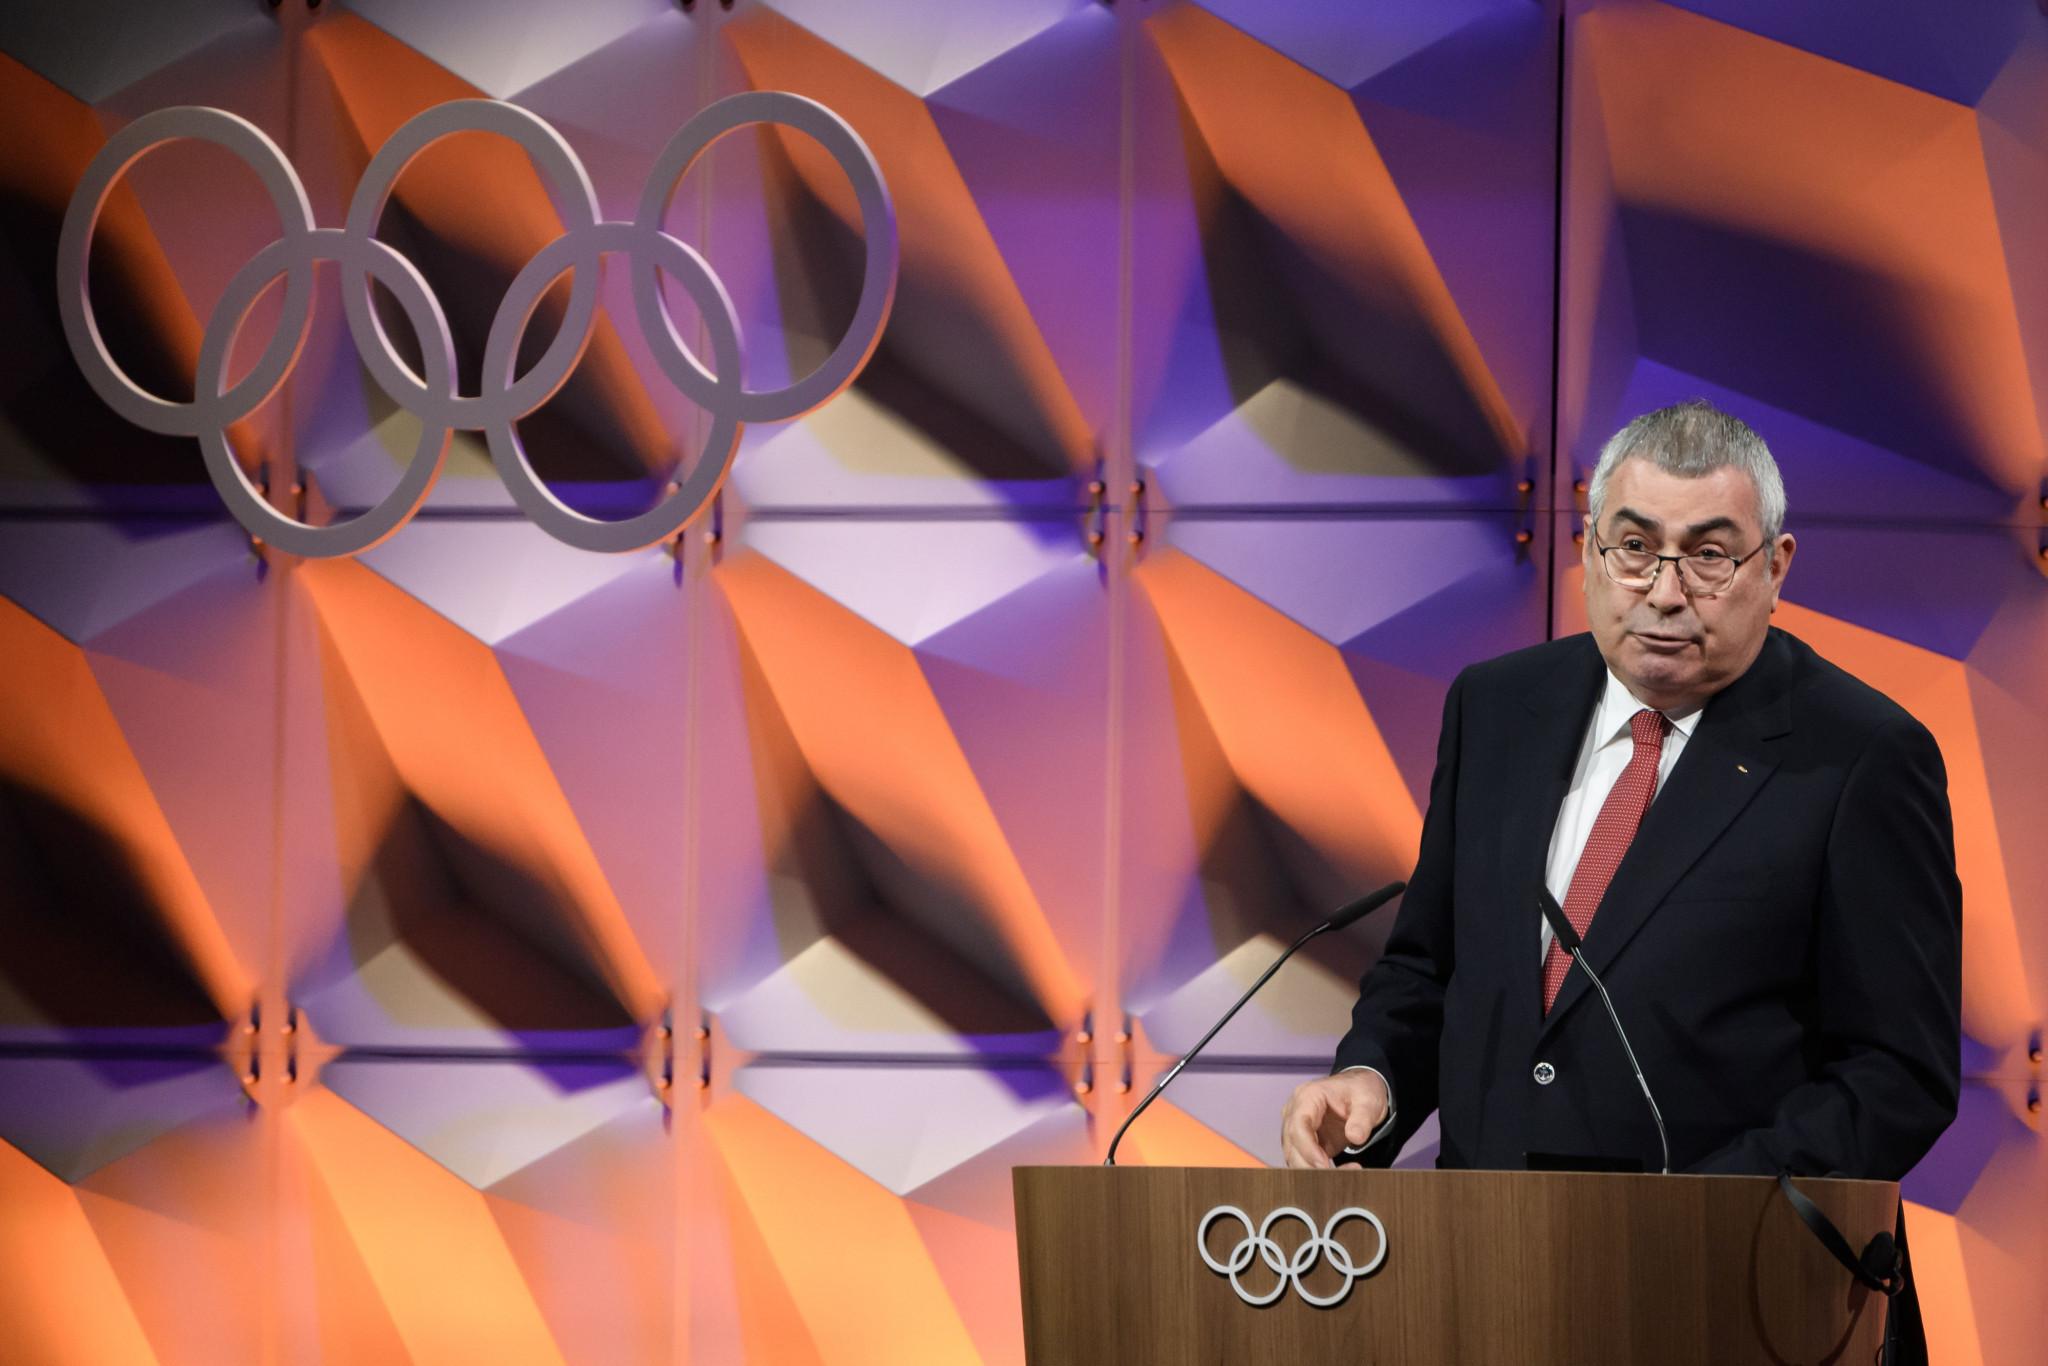 El presidente mundial de tiro con arco, Uğur Erdener, agradeció a la NFAA por asumir el papel de anfitrión de las finales de la Copa del Mundo © Getty Images